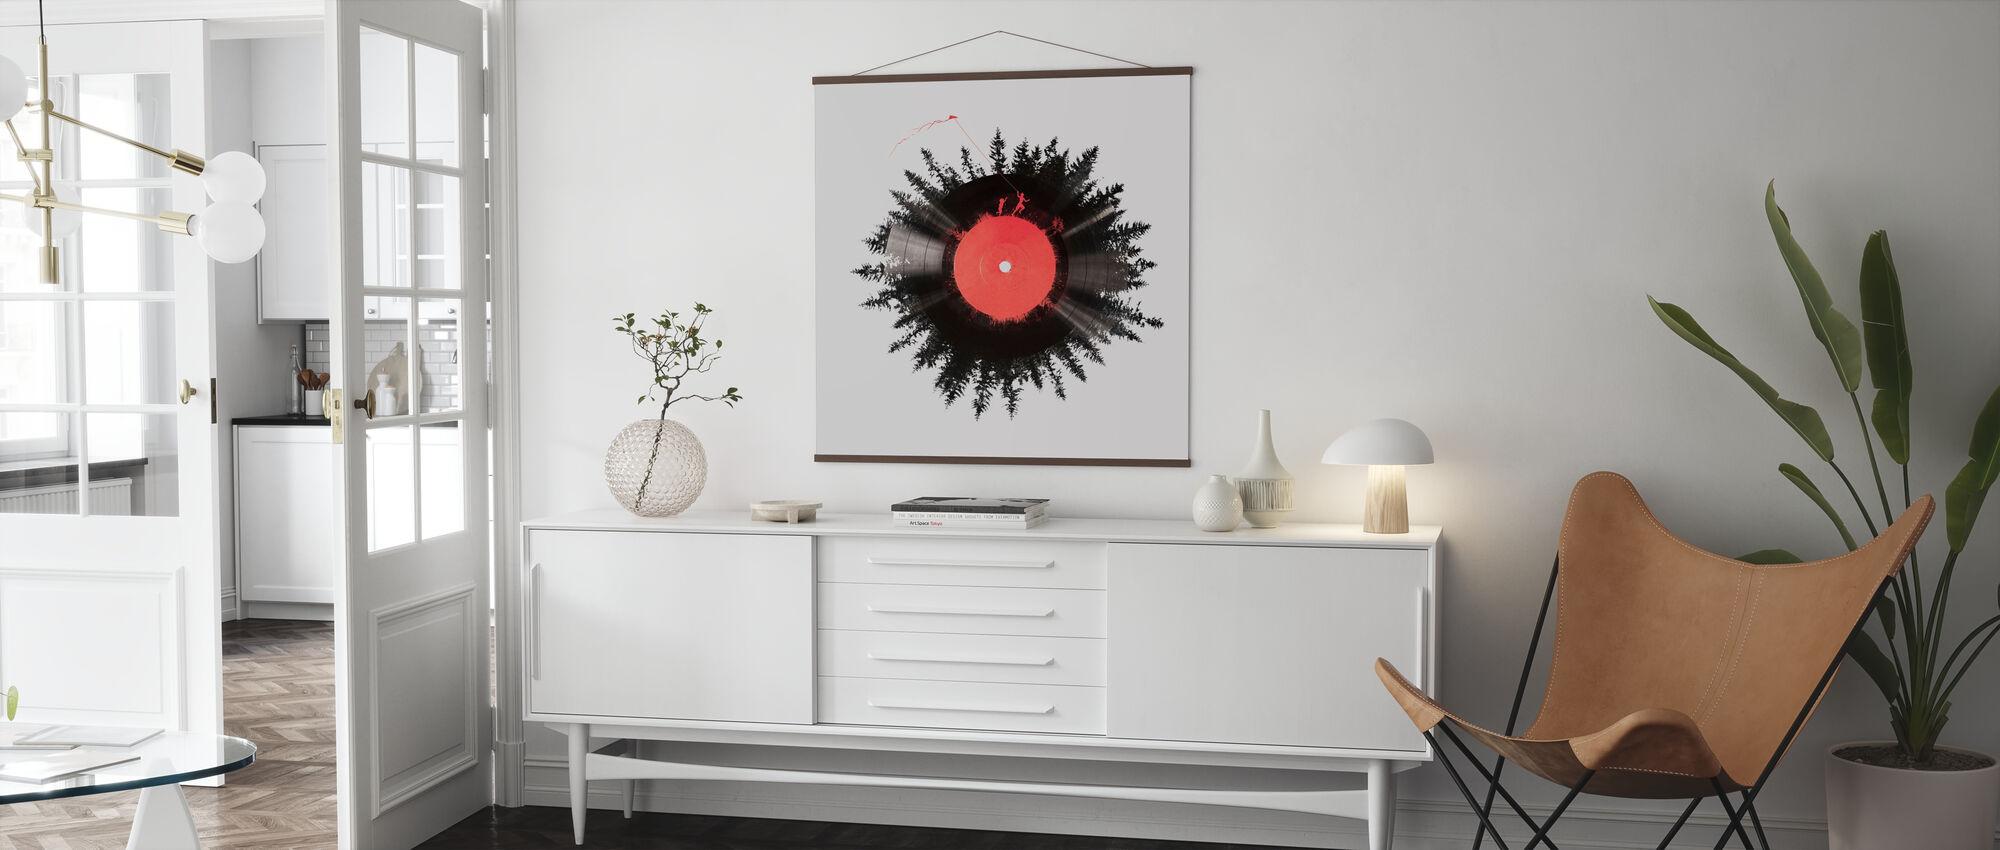 Das Vinyl meines Lebens - Poster - Wohnzimmer